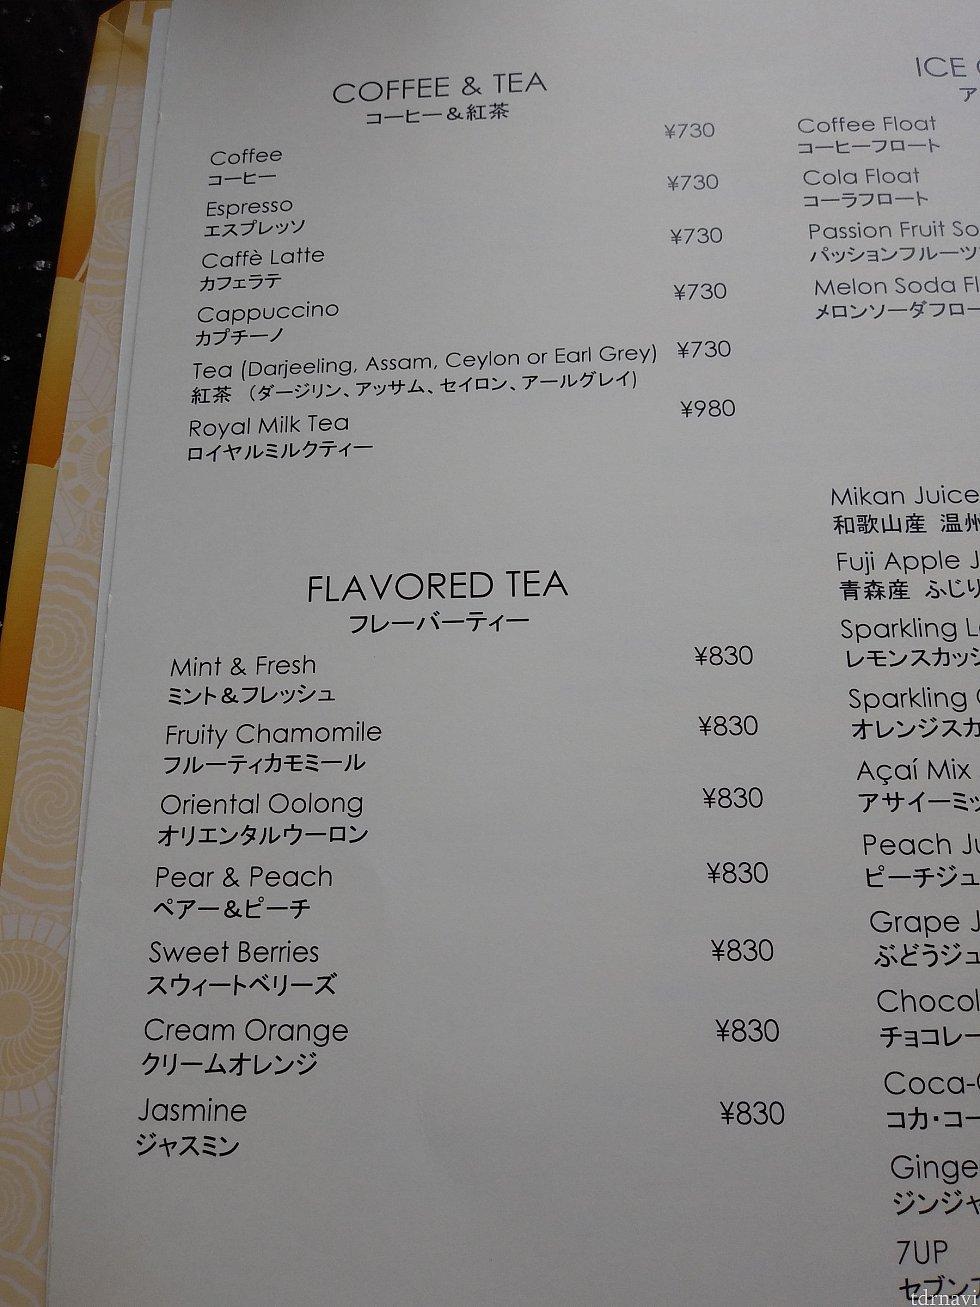 ディズニー夏祭りのケーキセットのドリンクは、コーヒーか紅茶の中から好きなの1つ選べて同じのならおかわりできました。